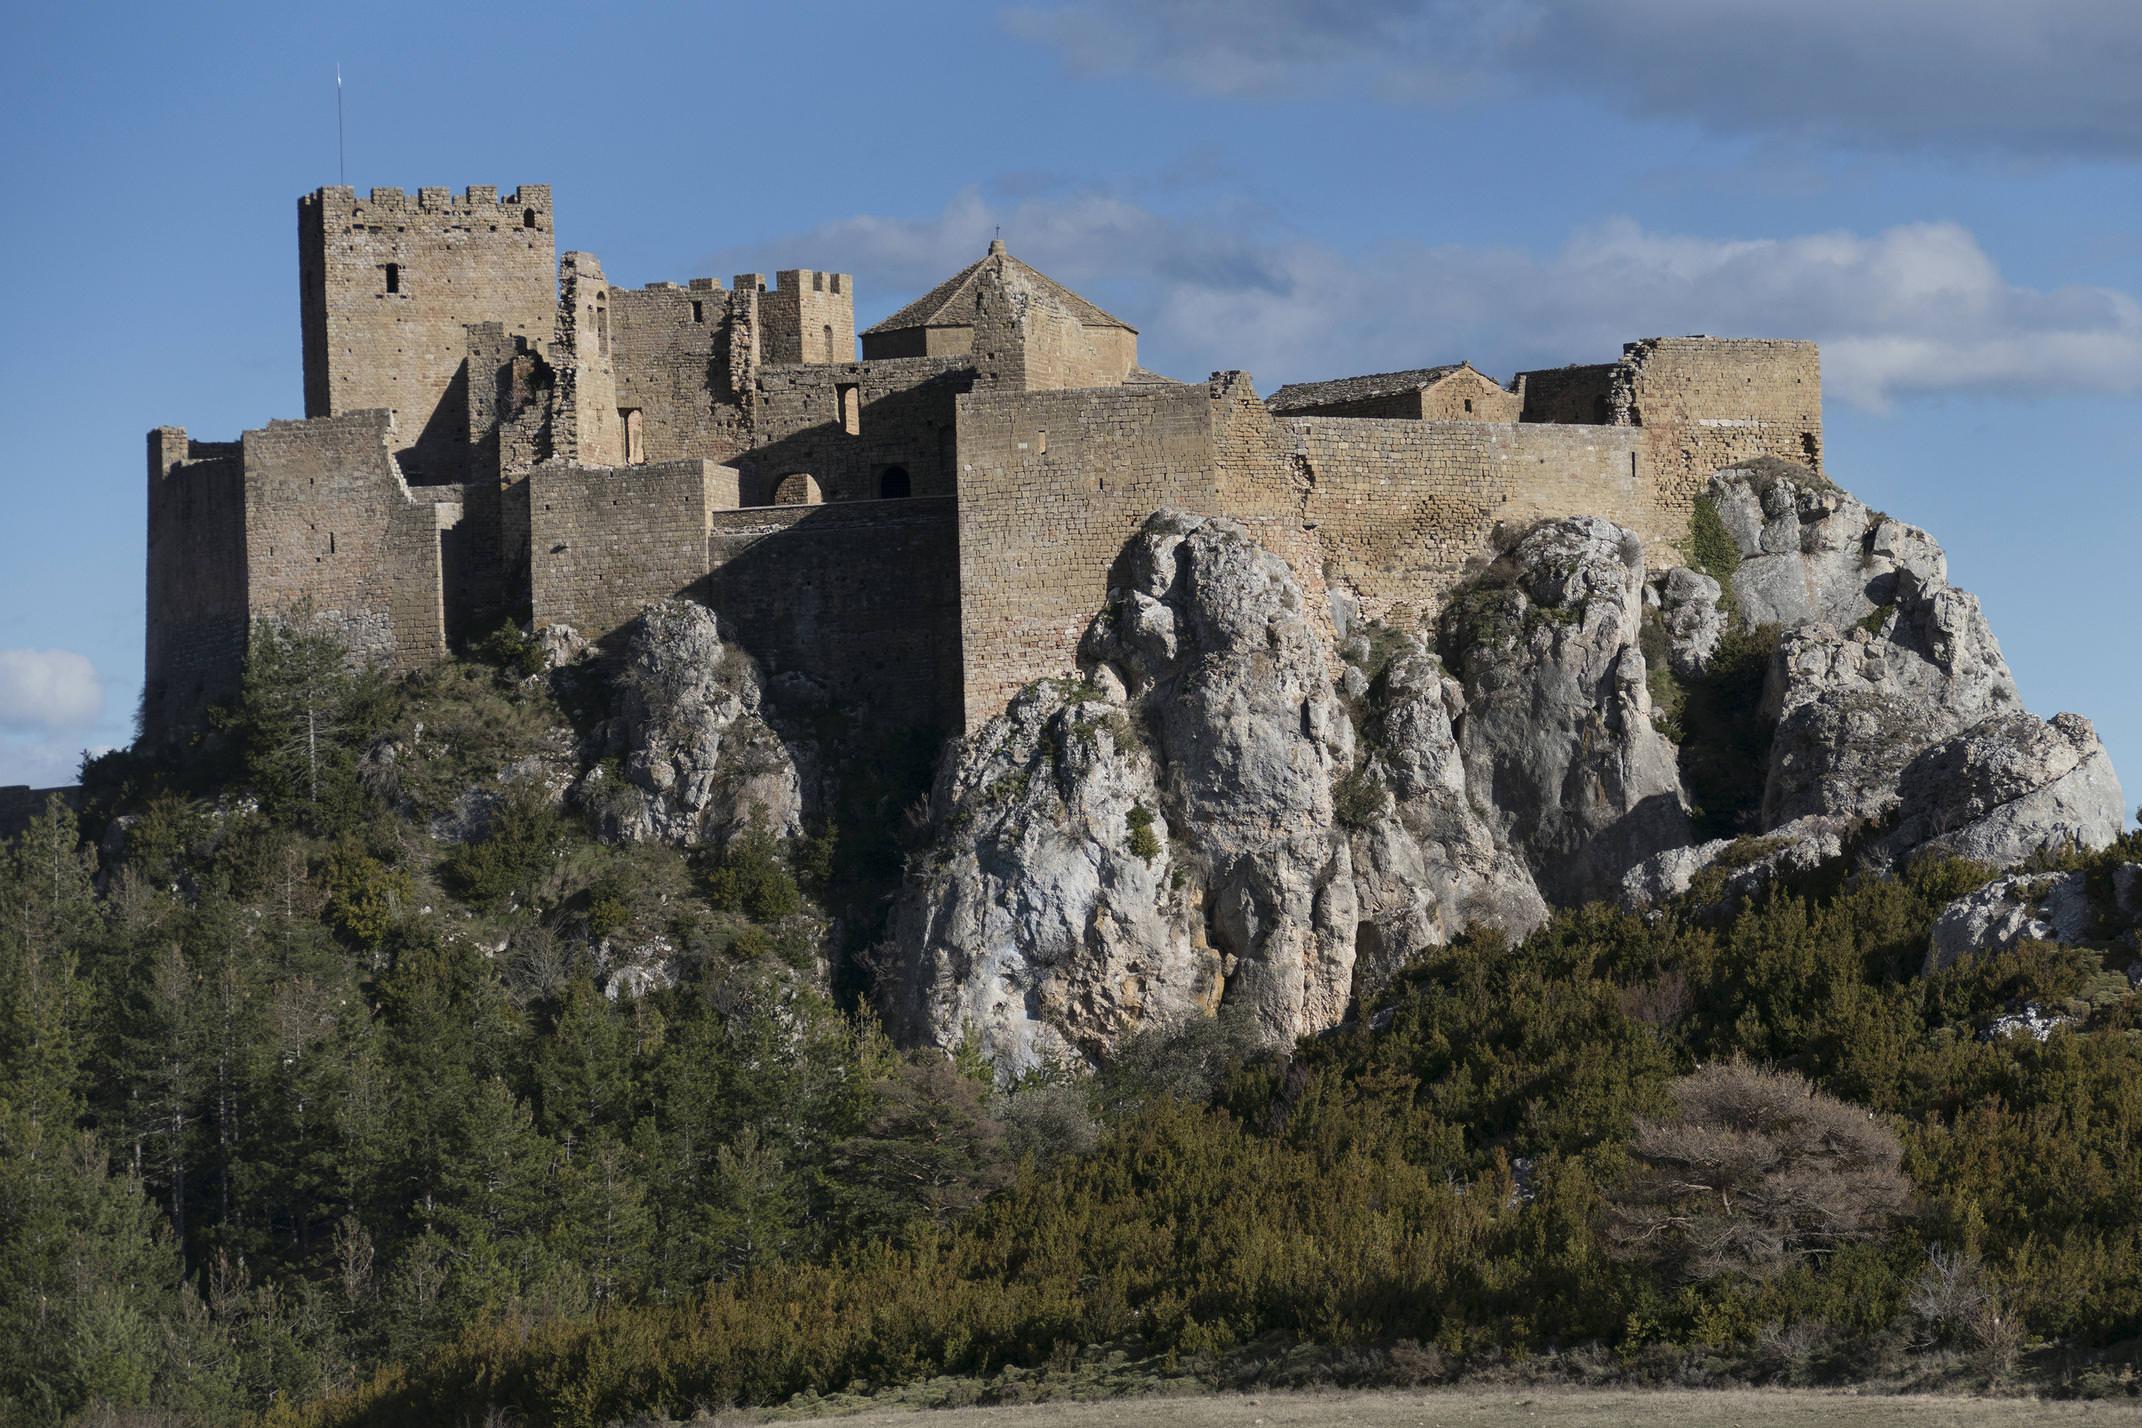 Spain pyrenees aragon huesca loarre castle c pura aventura